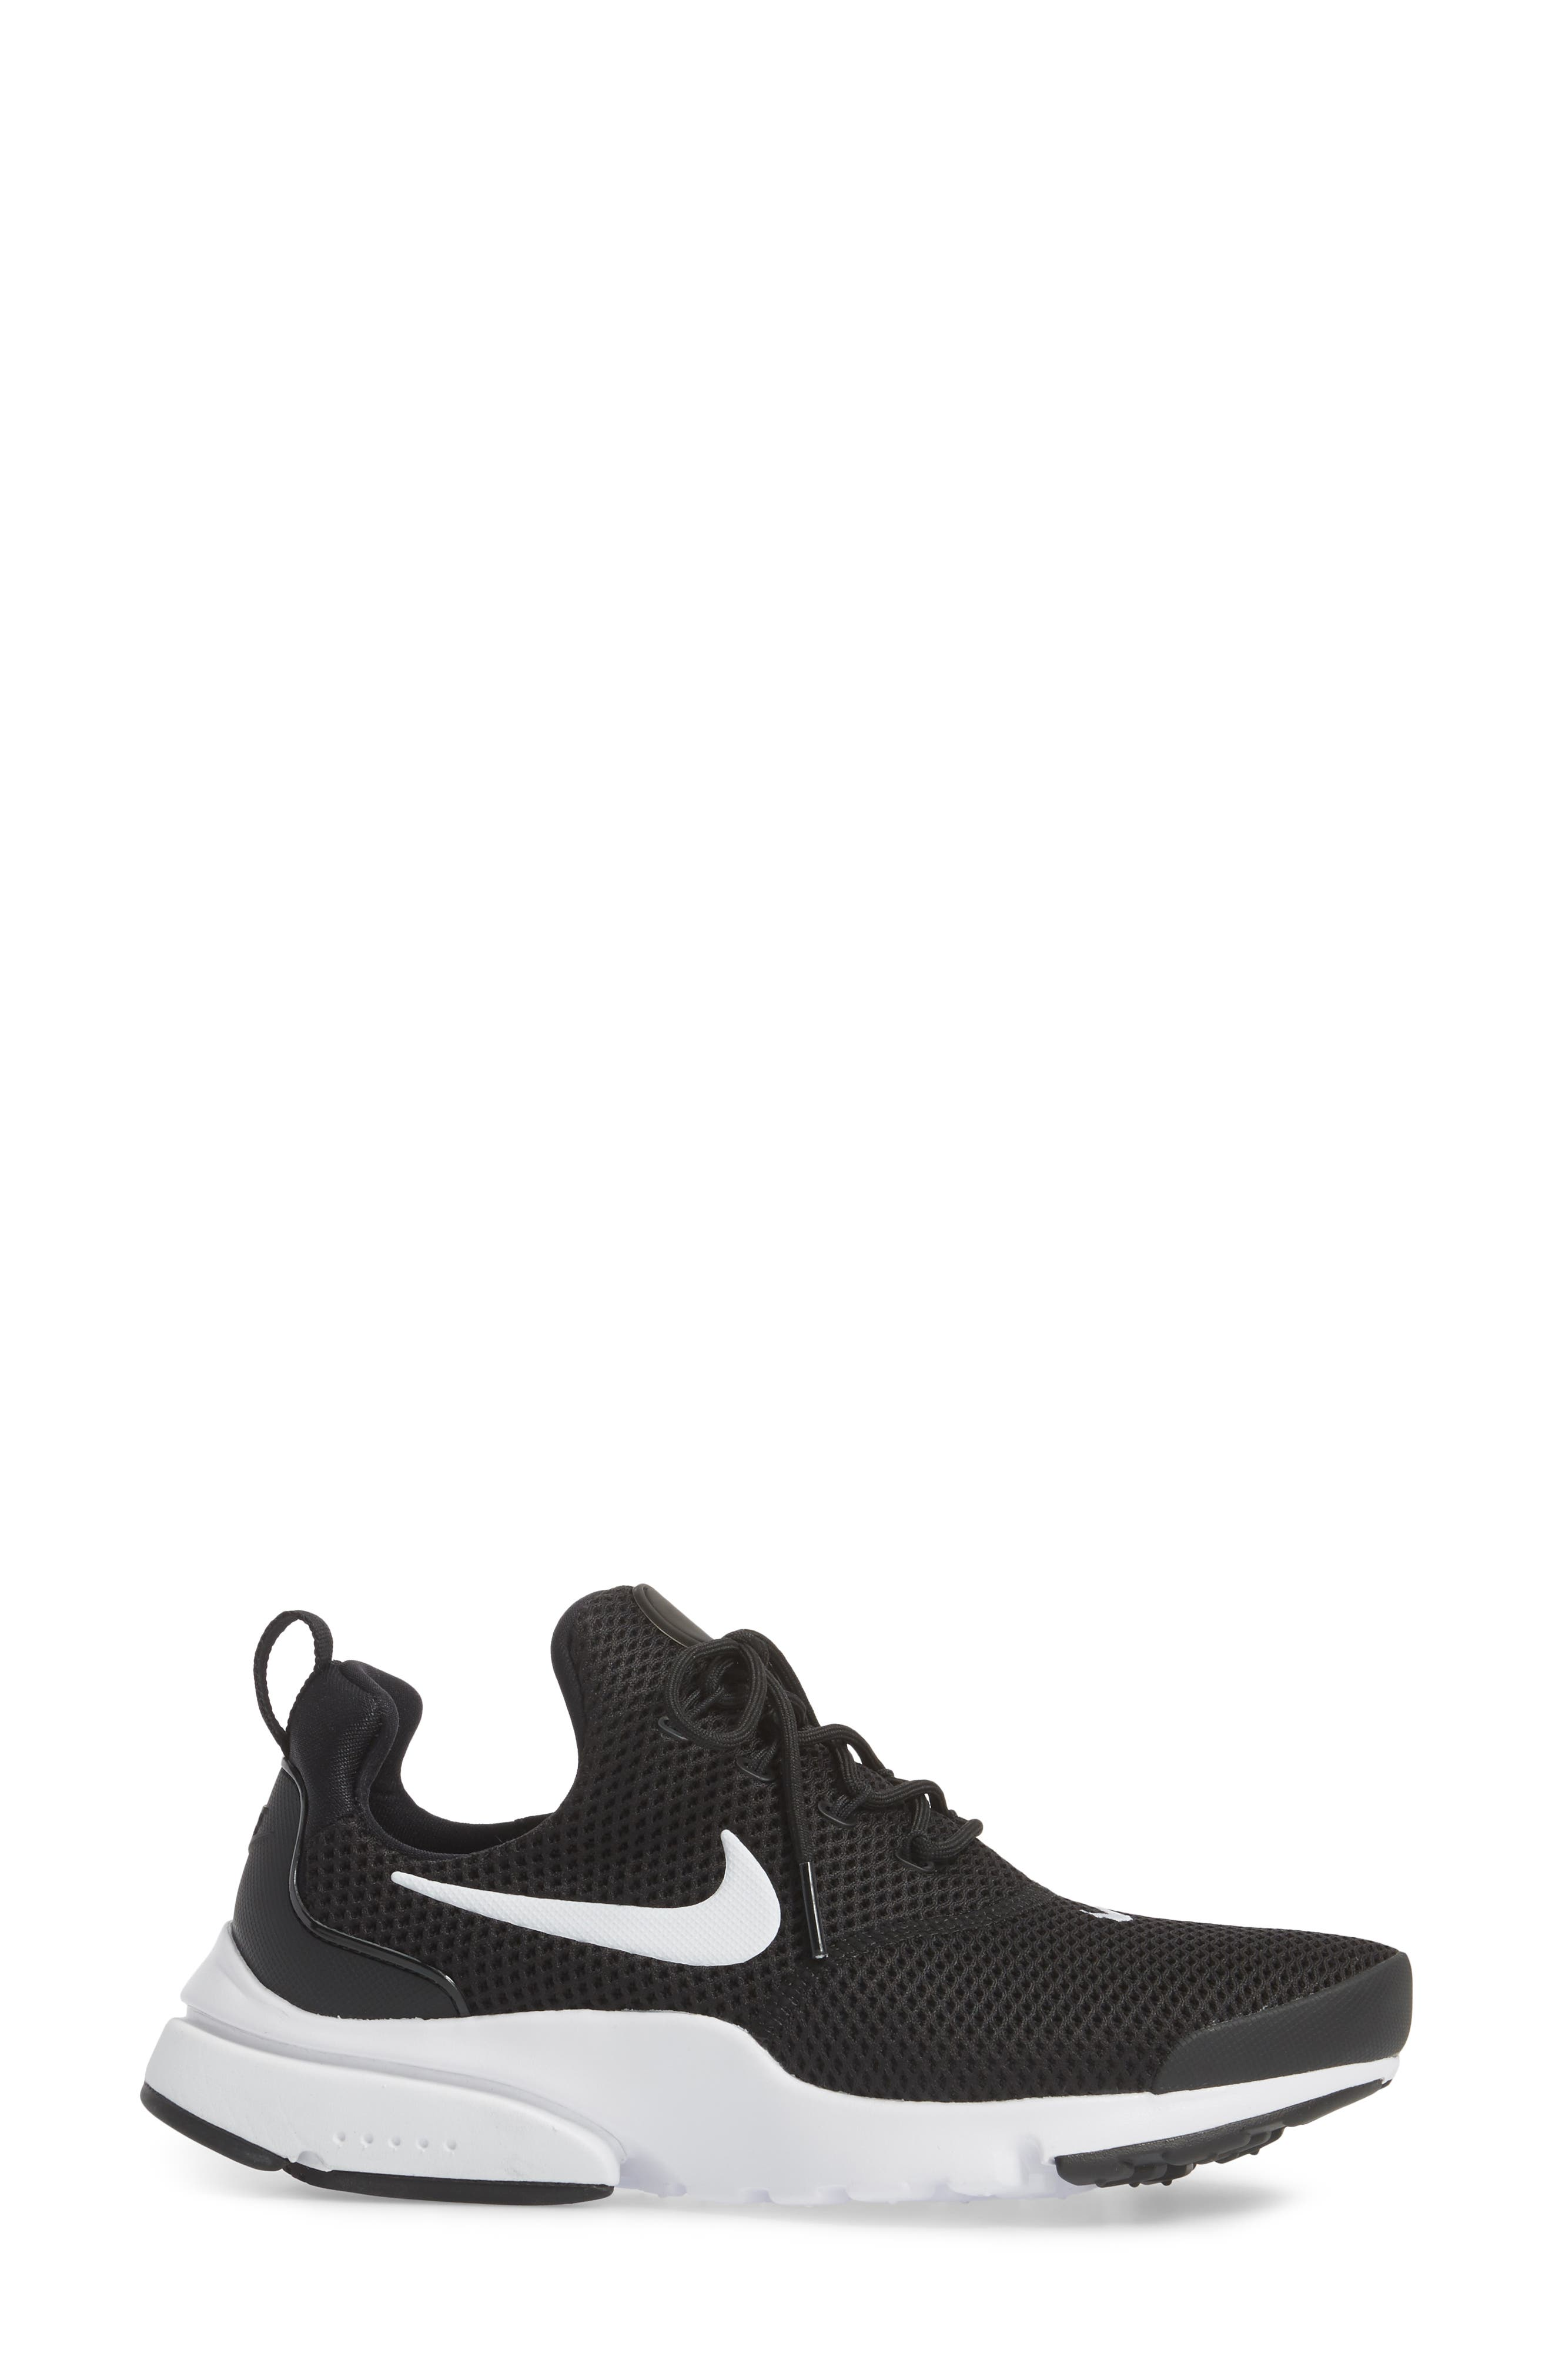 Presto Fly Sneaker,                             Alternate thumbnail 3, color,                             Black/ White/ White